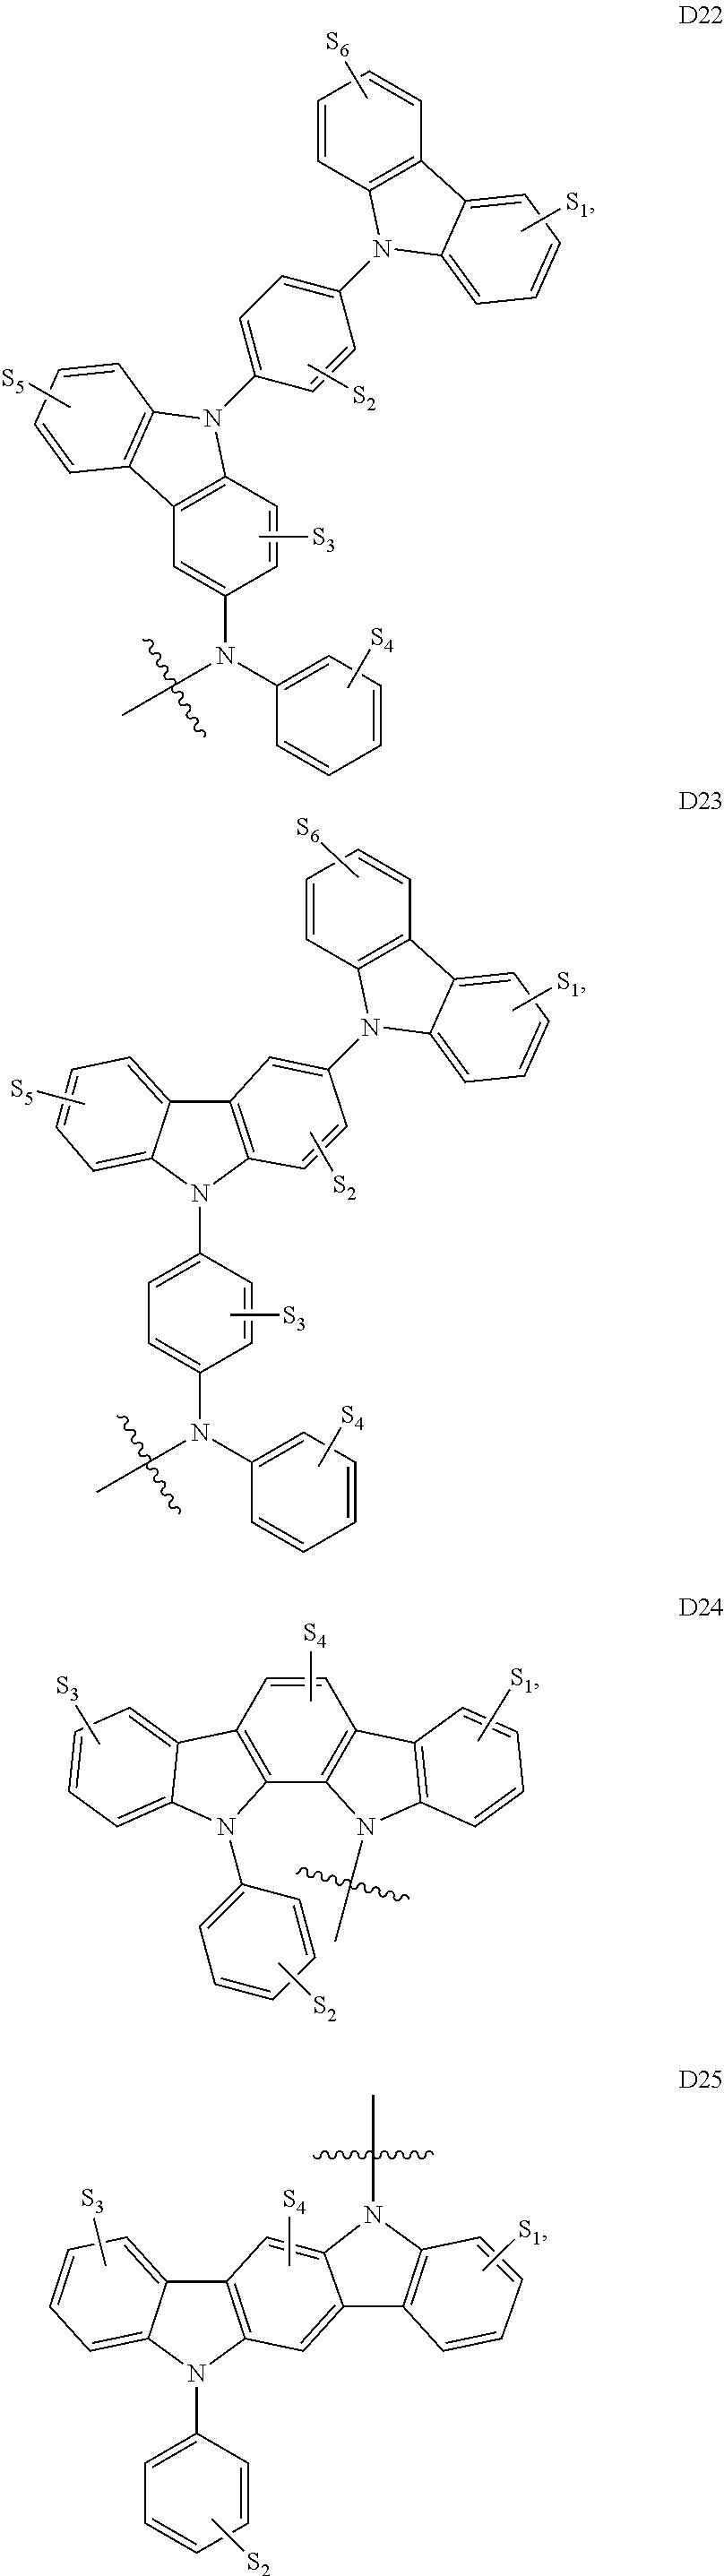 Figure US09537106-20170103-C00572